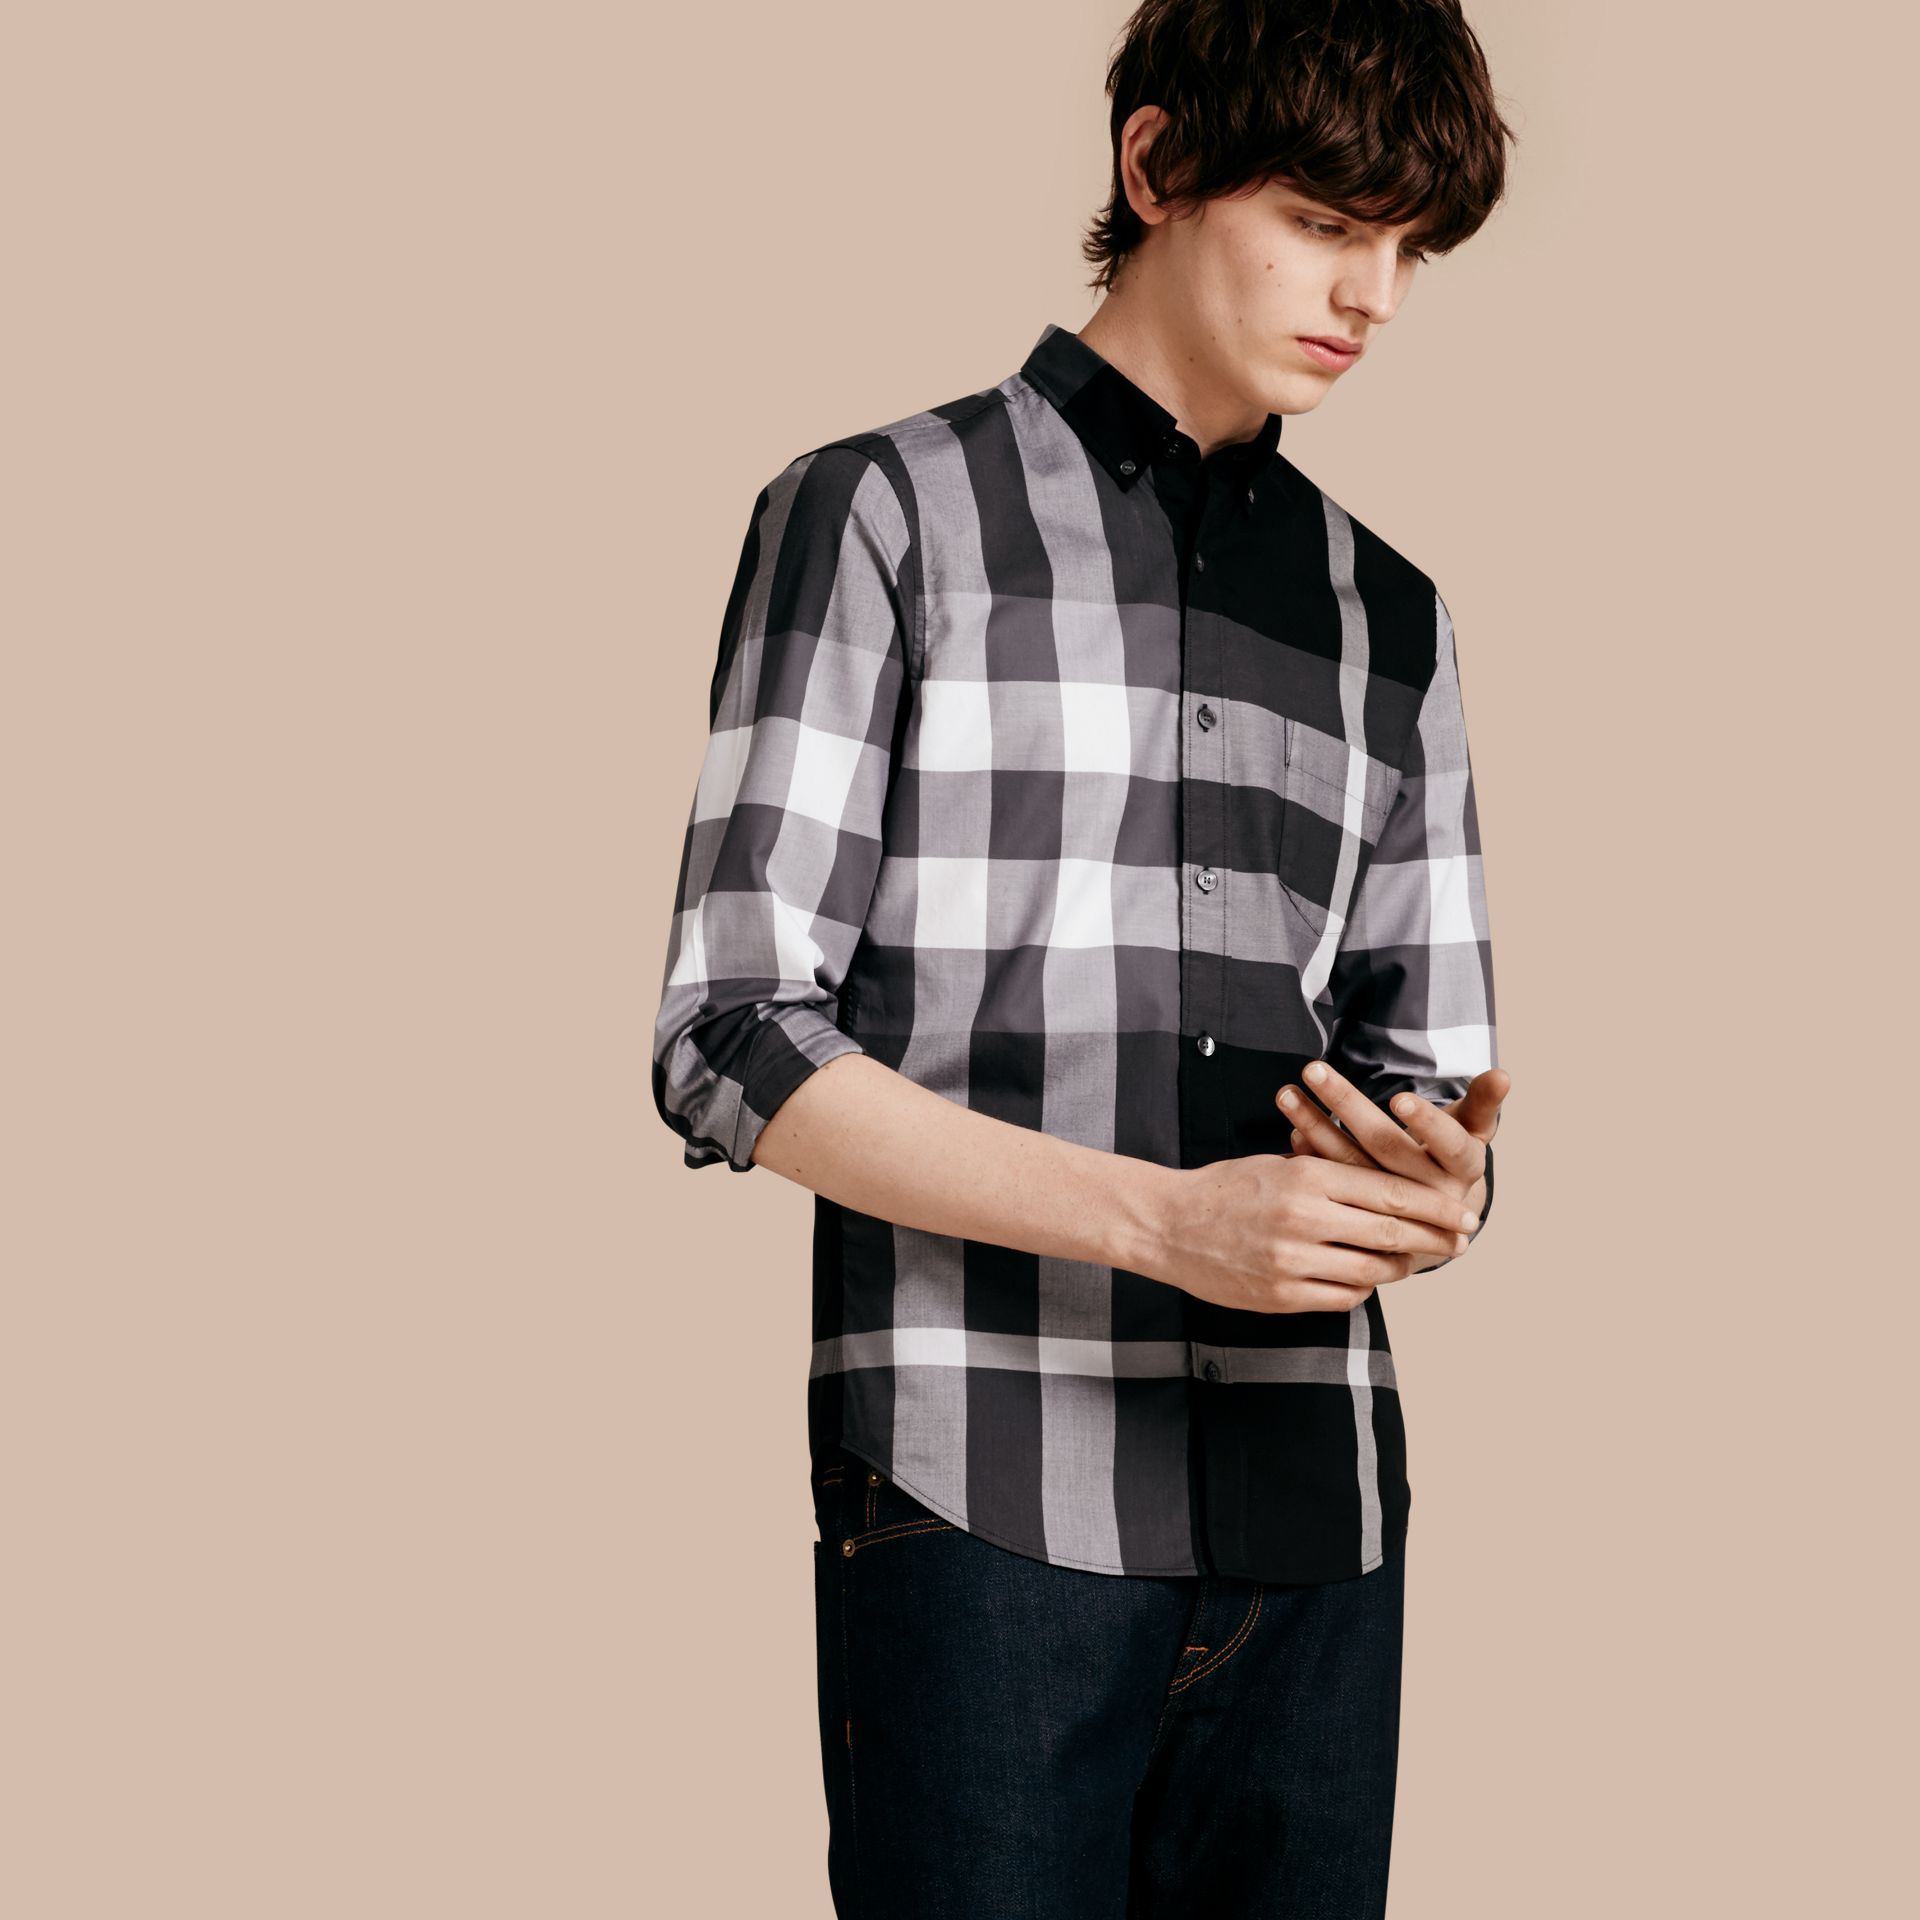 Nero Camicia in cotone con motivo check Nero - immagine della galleria 1